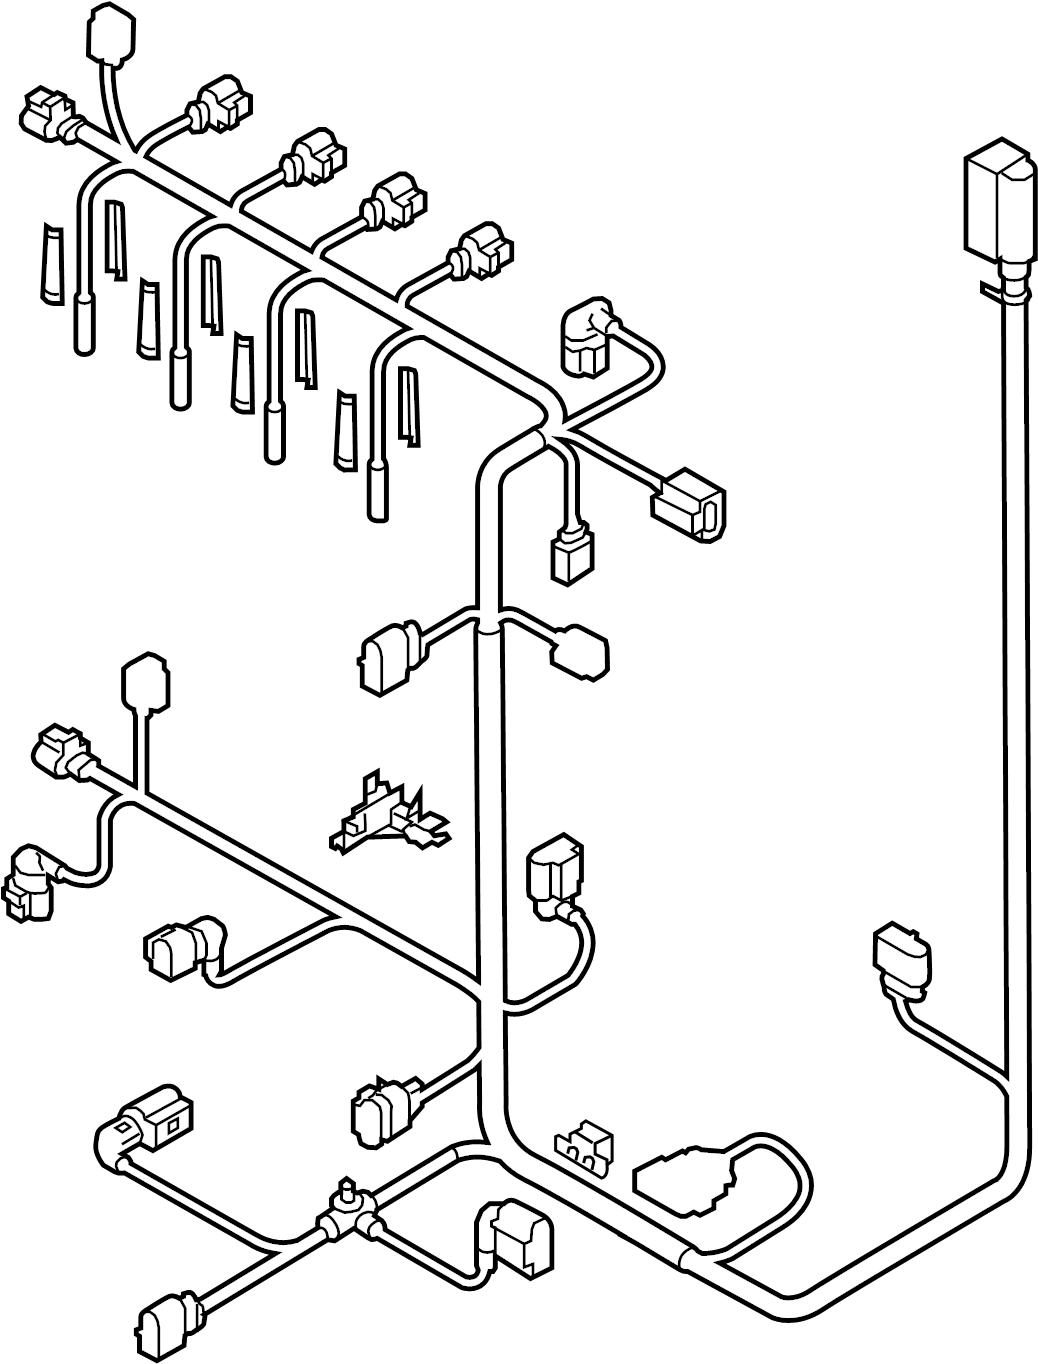 Surprising pat tdi engine diagram images best image engine 9274215 1 pat tdi engine diagramasp